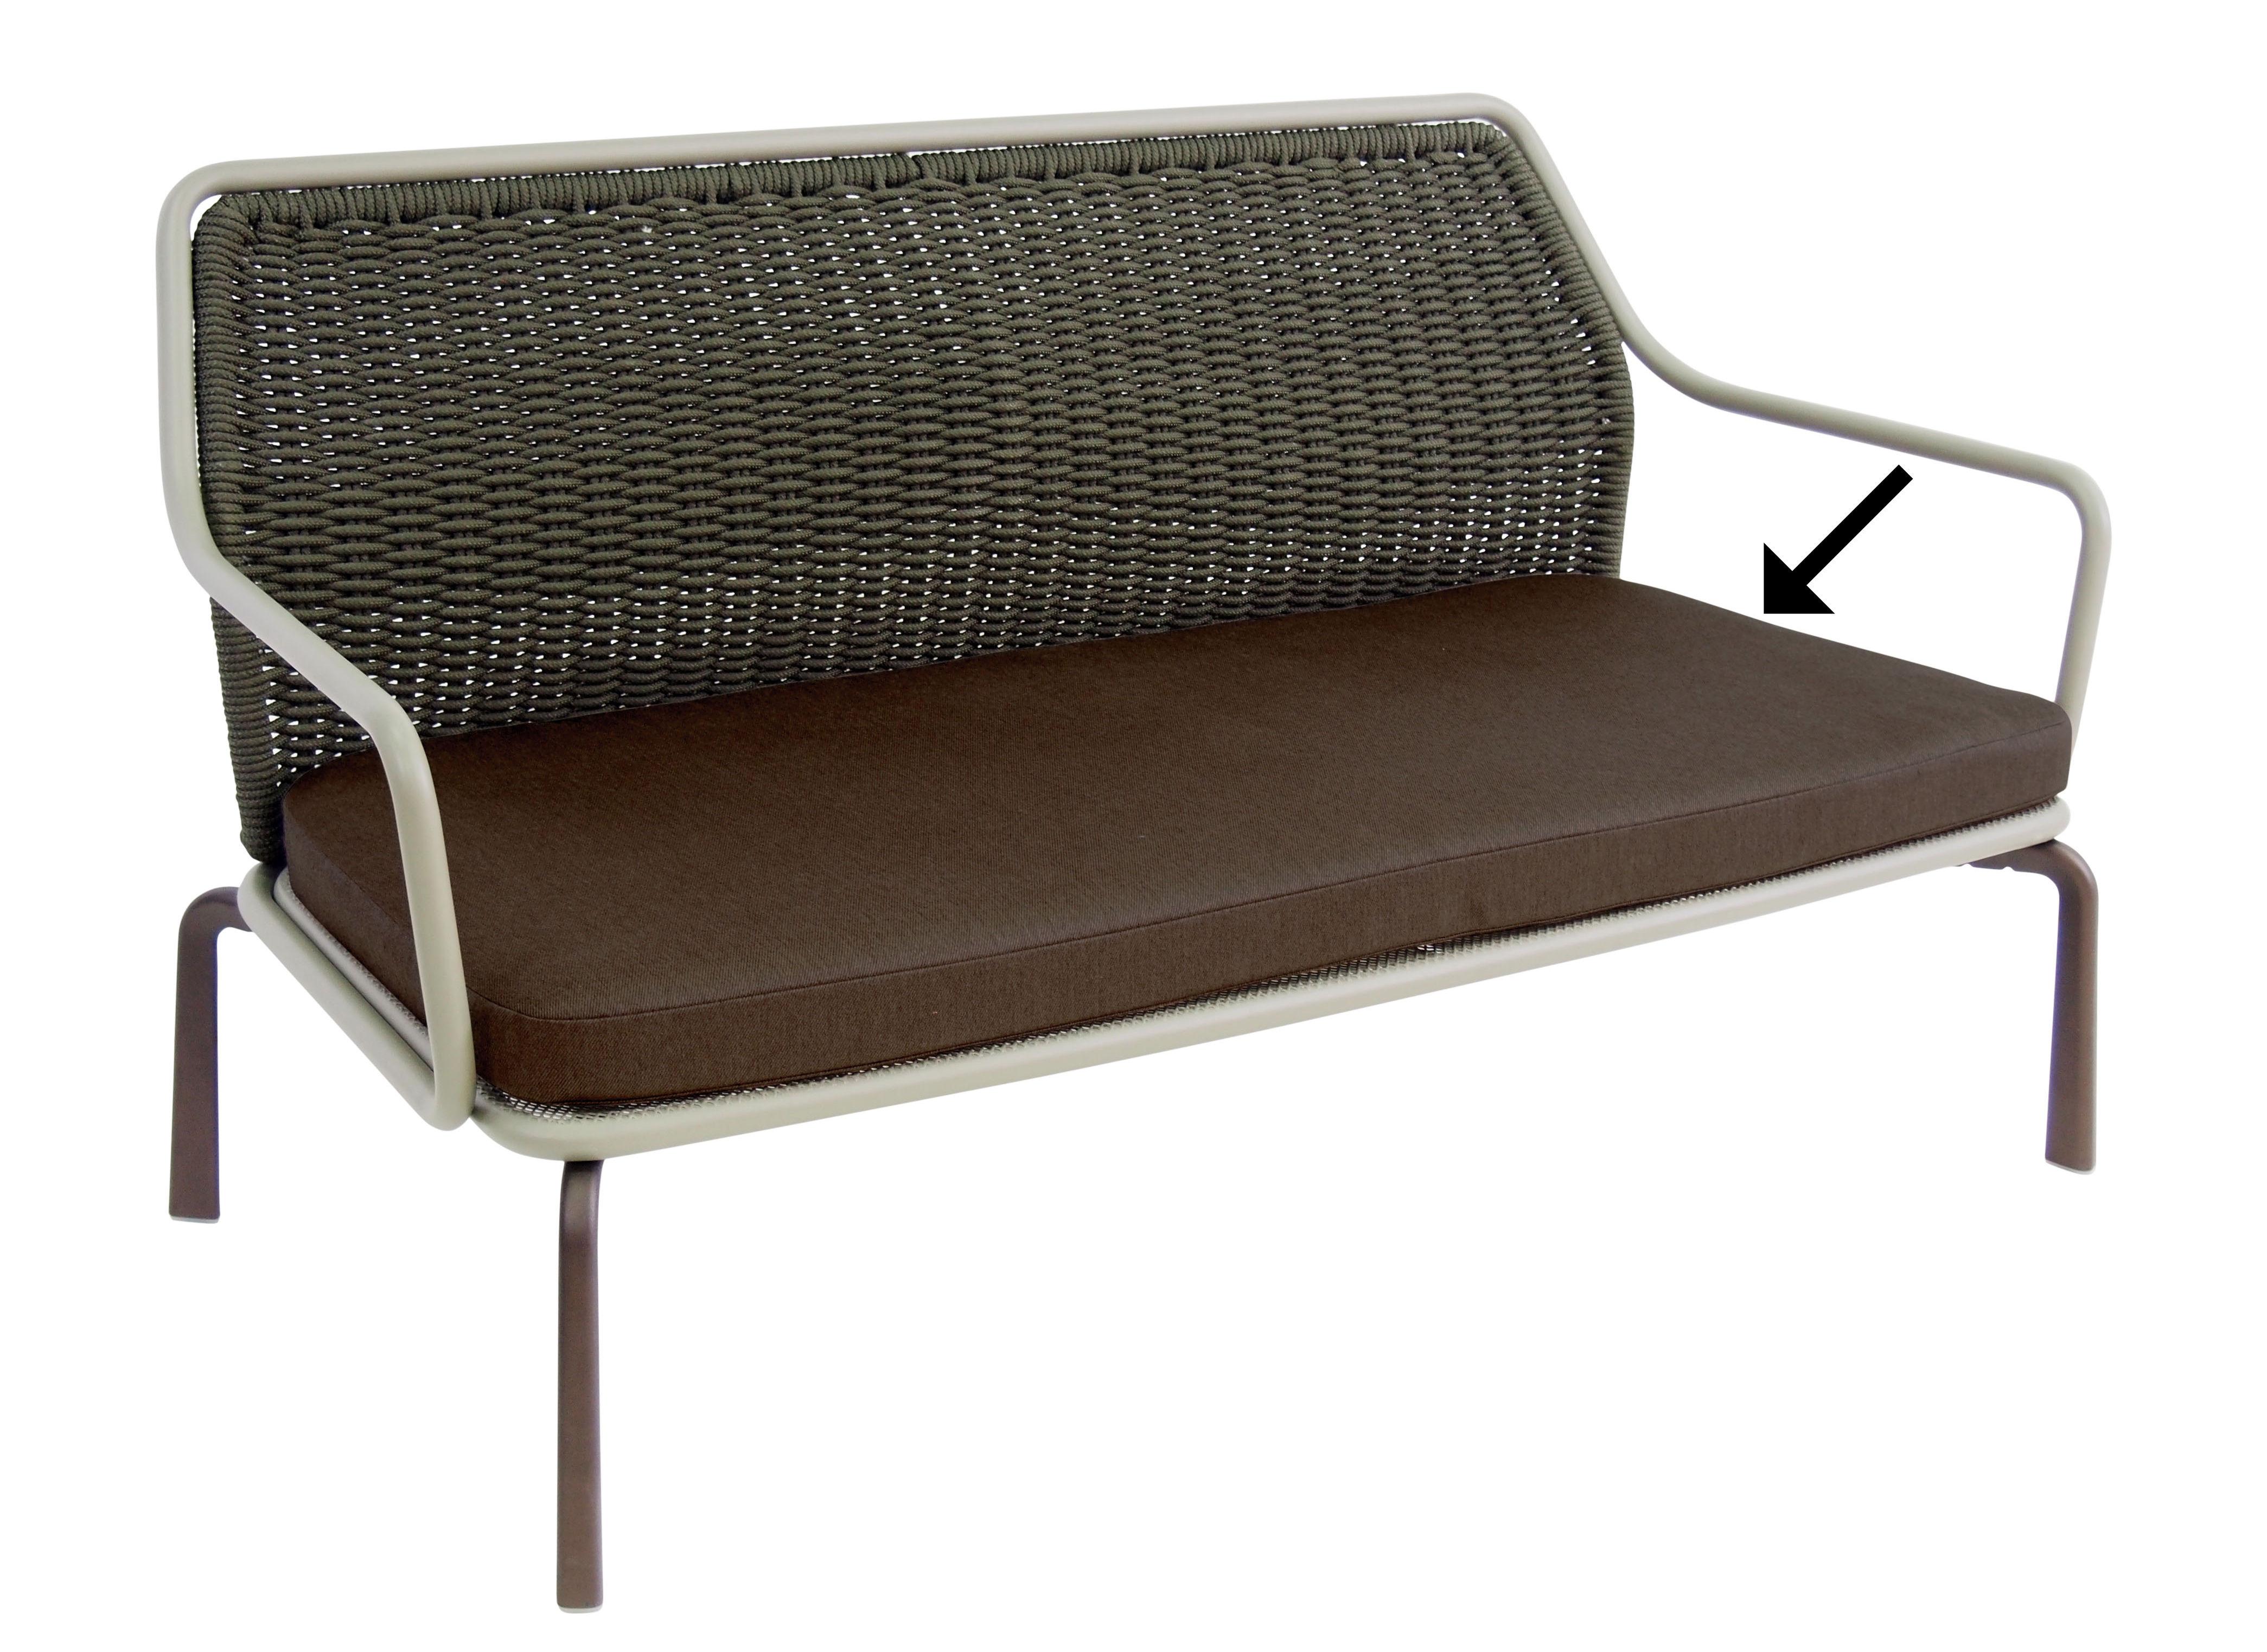 Interni - Cuscini  - Accessorio divano - / Per panca Cross di Emu - Cuscino / Marrone - Espanso, Tessuto acrilico